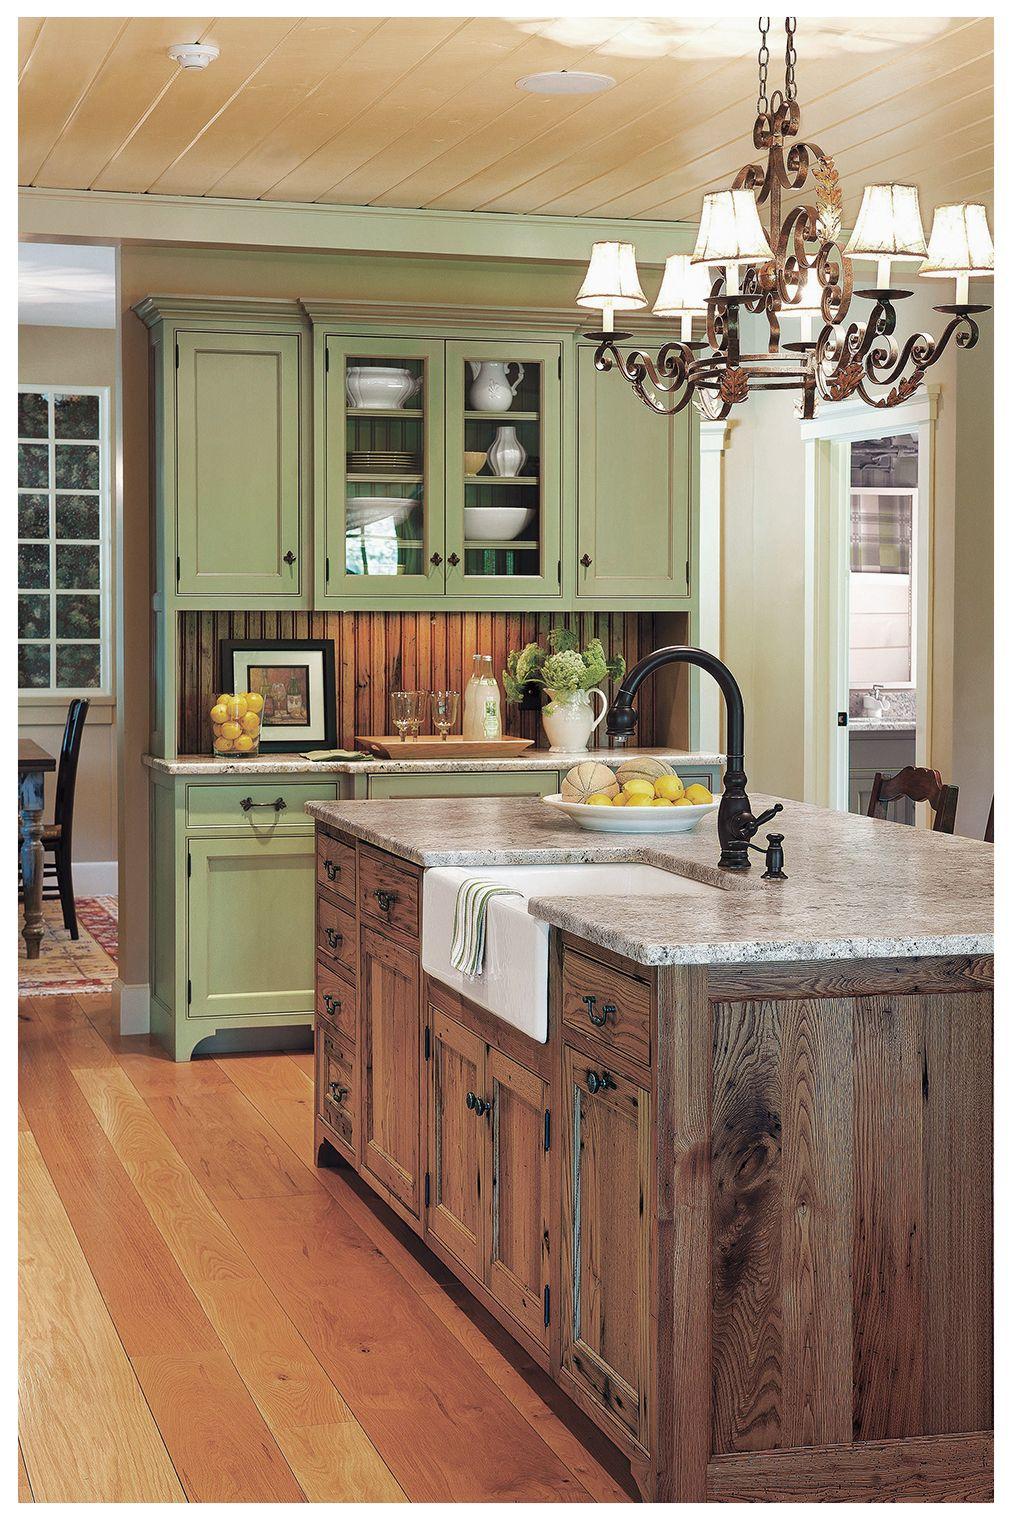 20 Catchy Mediterranean Kitchen Design Elements Ideas In 2020 Mediterranean Kitchen Design Country Kitchen Decor Kitchen Island Design